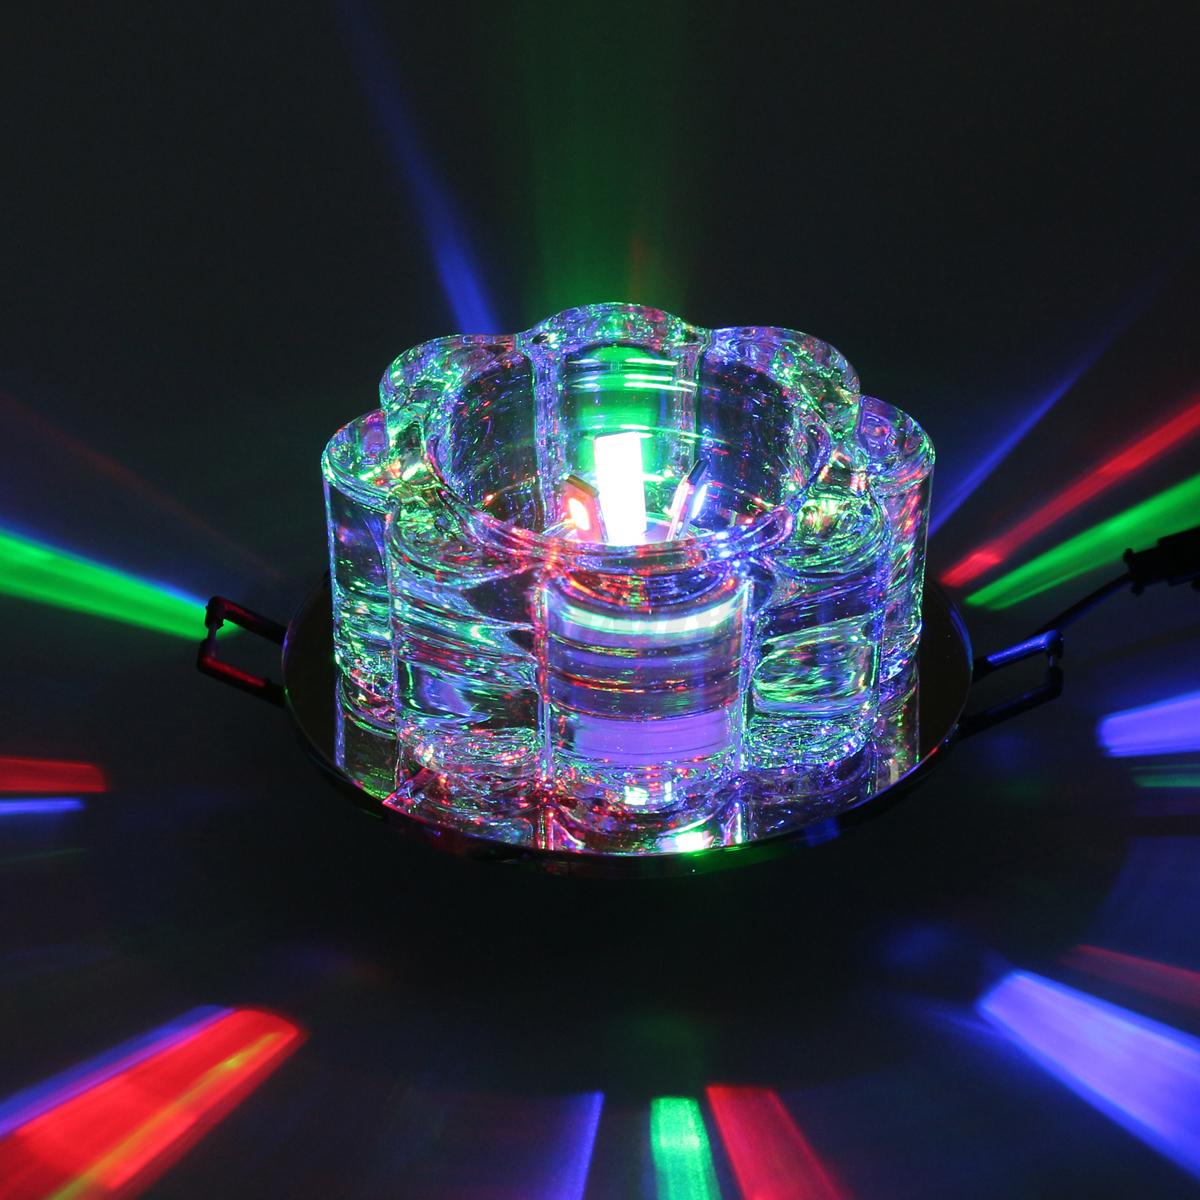 Modern Crystal Flower Led Pendant Lamp Ceiling Light